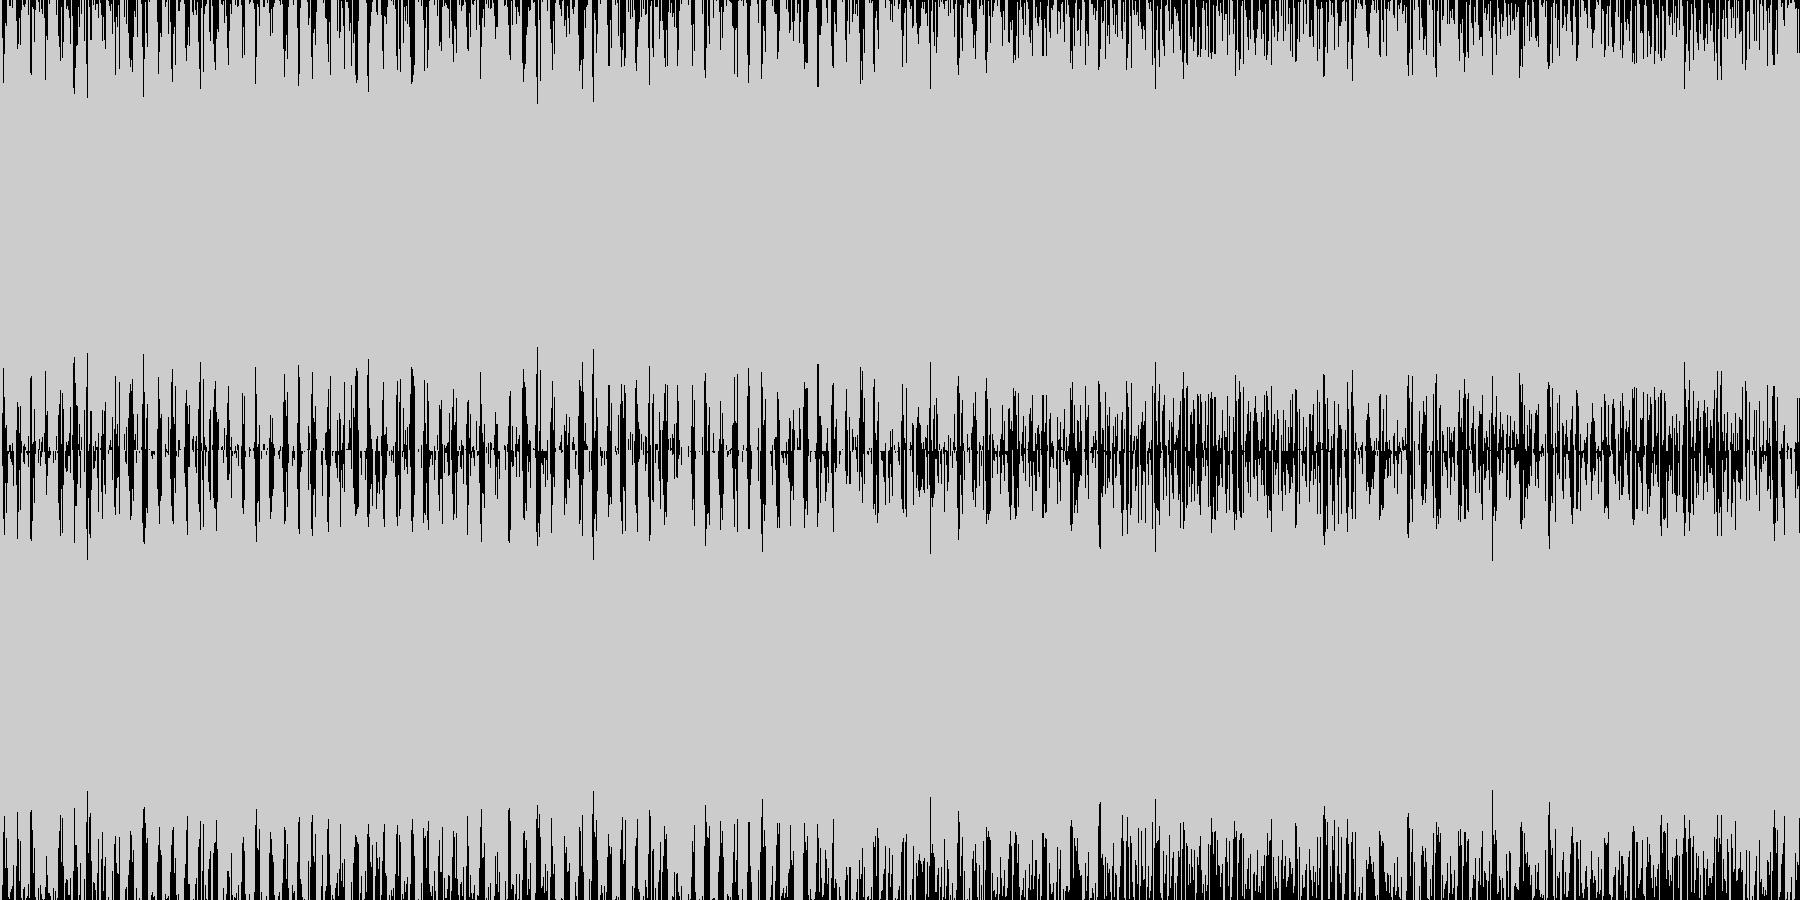 EDM_60秒ループ処理済み_ゲーム向けの未再生の波形